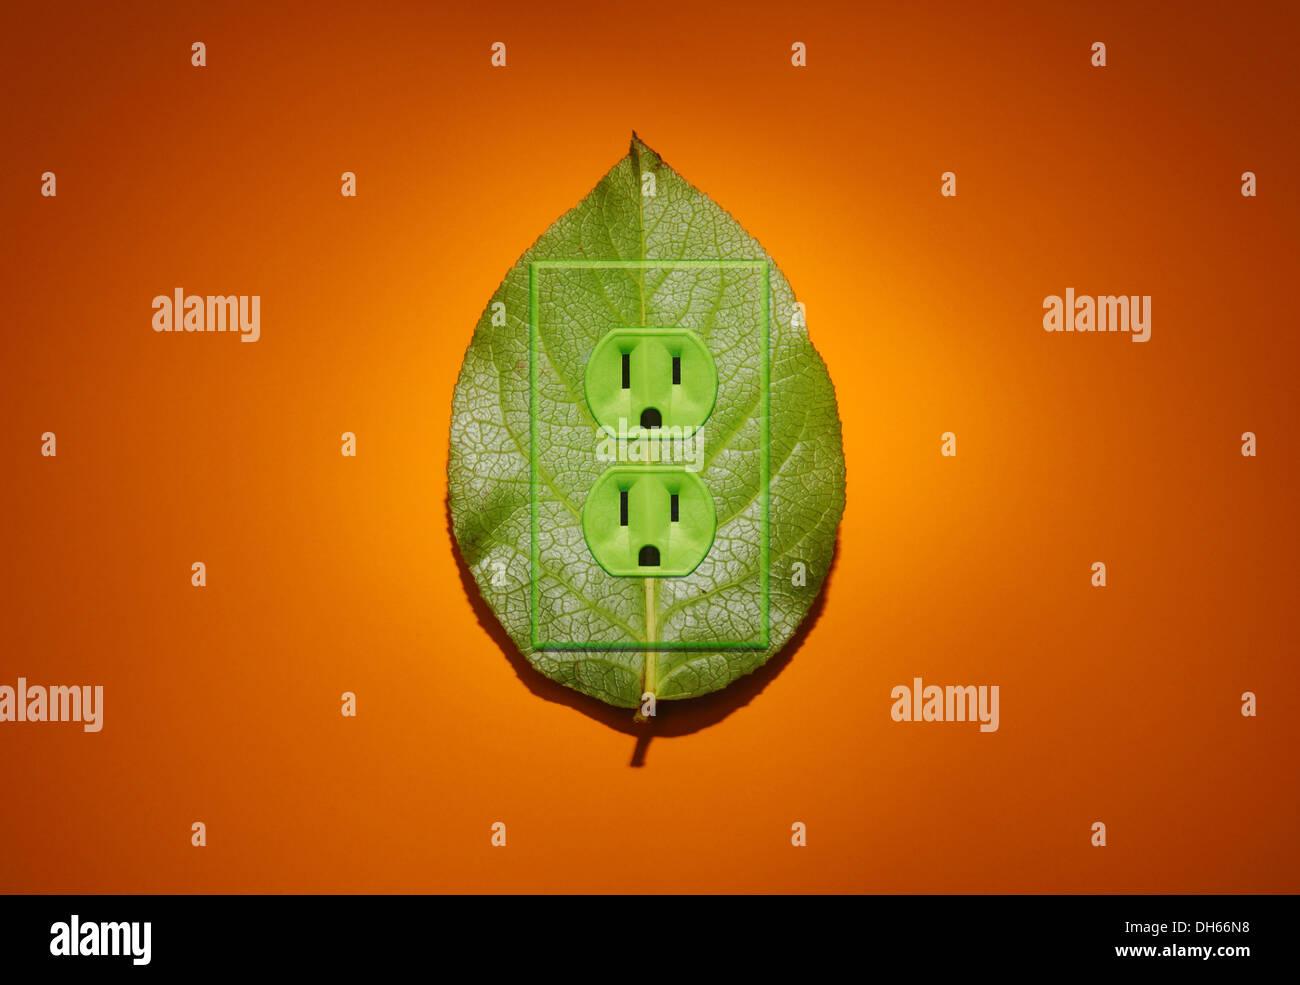 Une plante verte avec des feuilles de couleur vert prises électriques ajouté. Fond orange lumineux Photo Stock